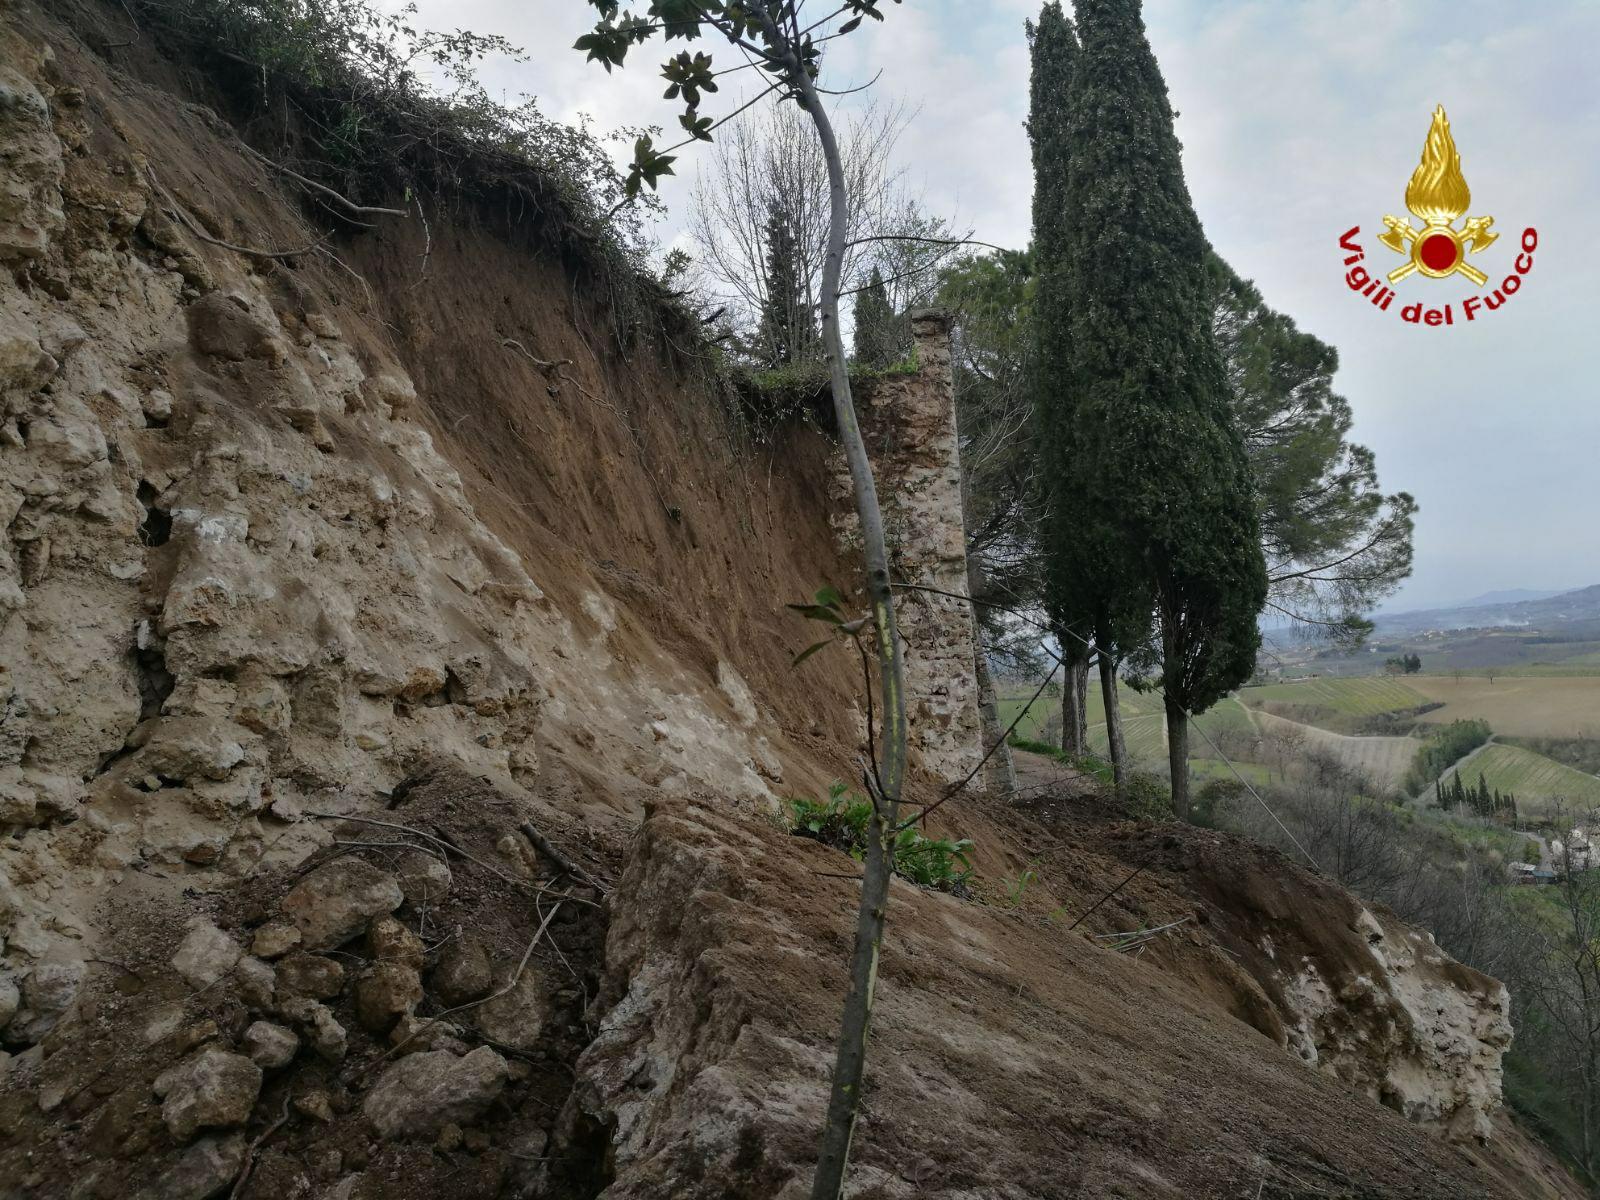 Crolla un tratto di 20 metri delle mura medievali di San Gimignano